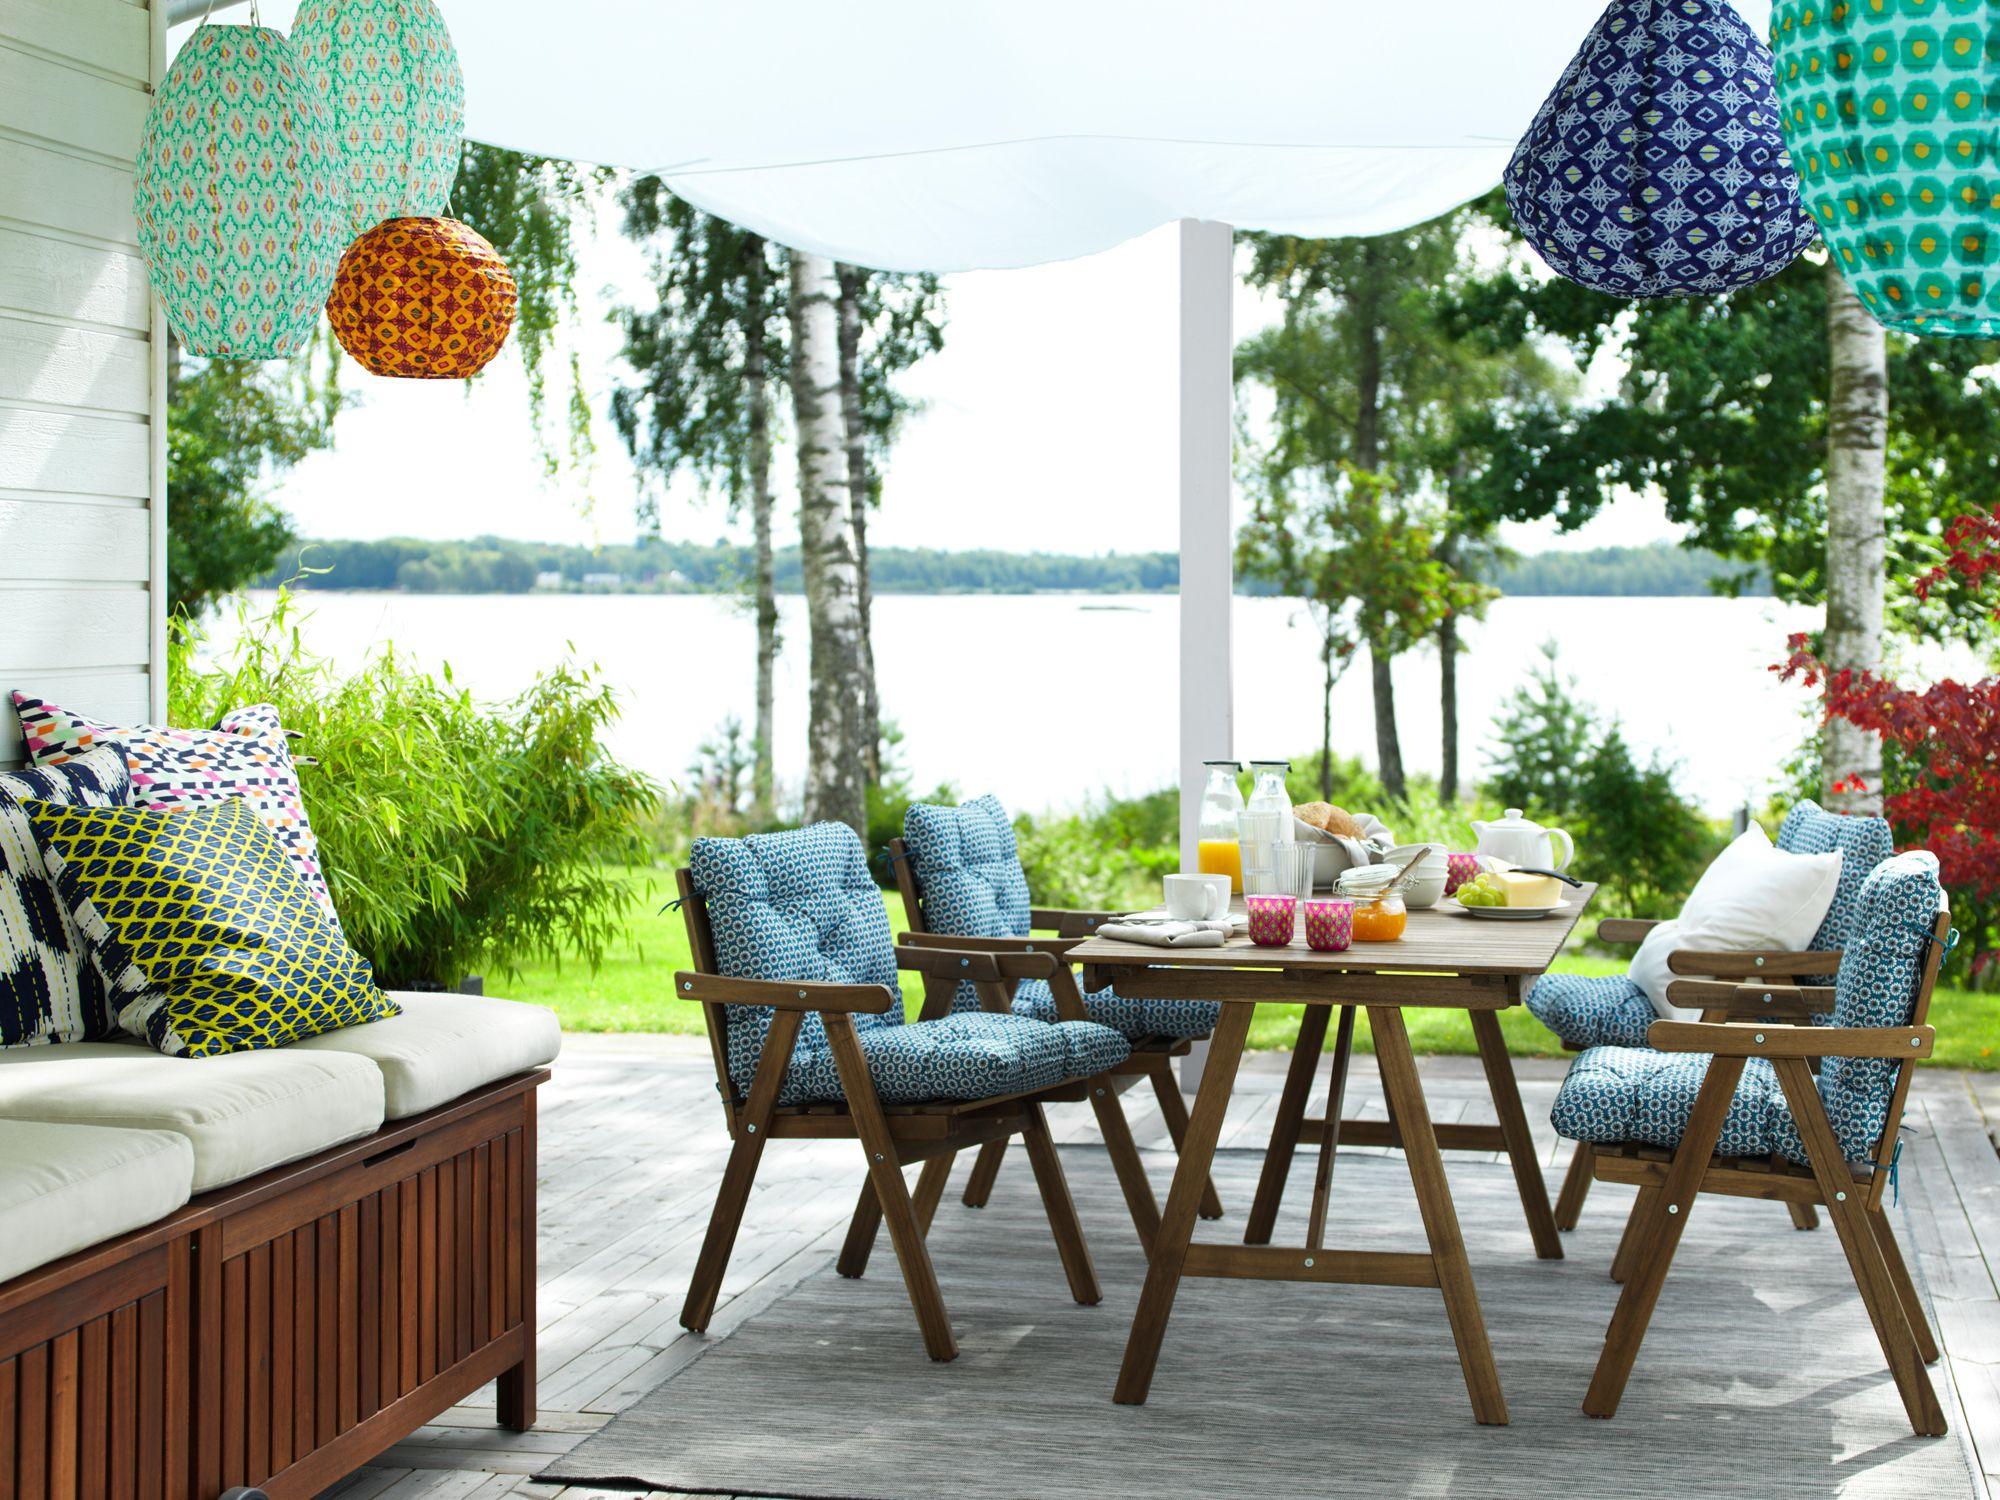 6 outdoor furniture trends